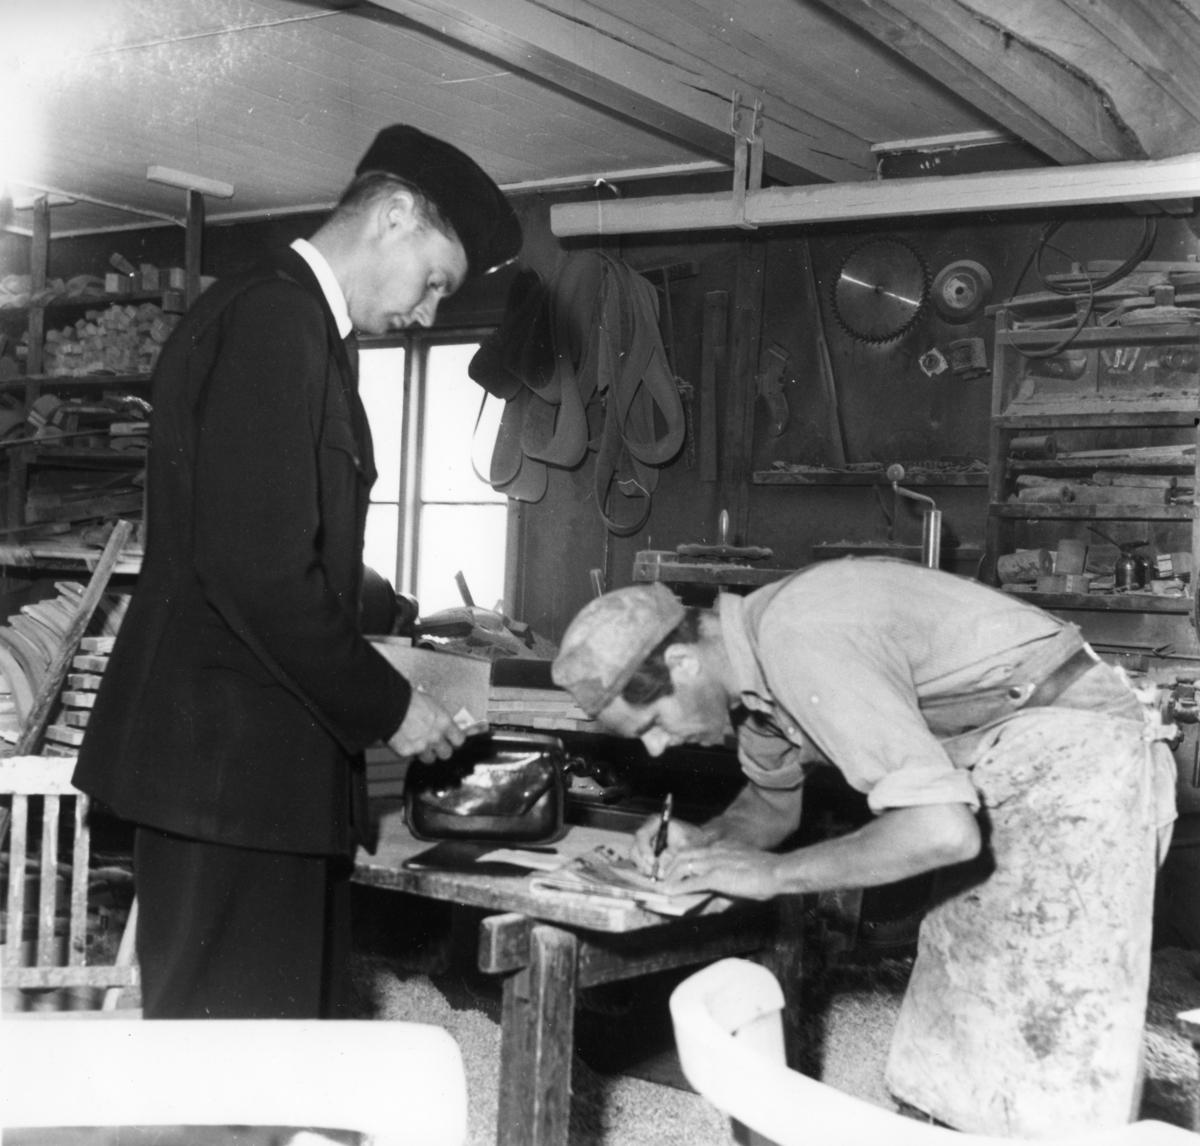 Lantbrevbärare Knut Svensson, Växjö, 1953.